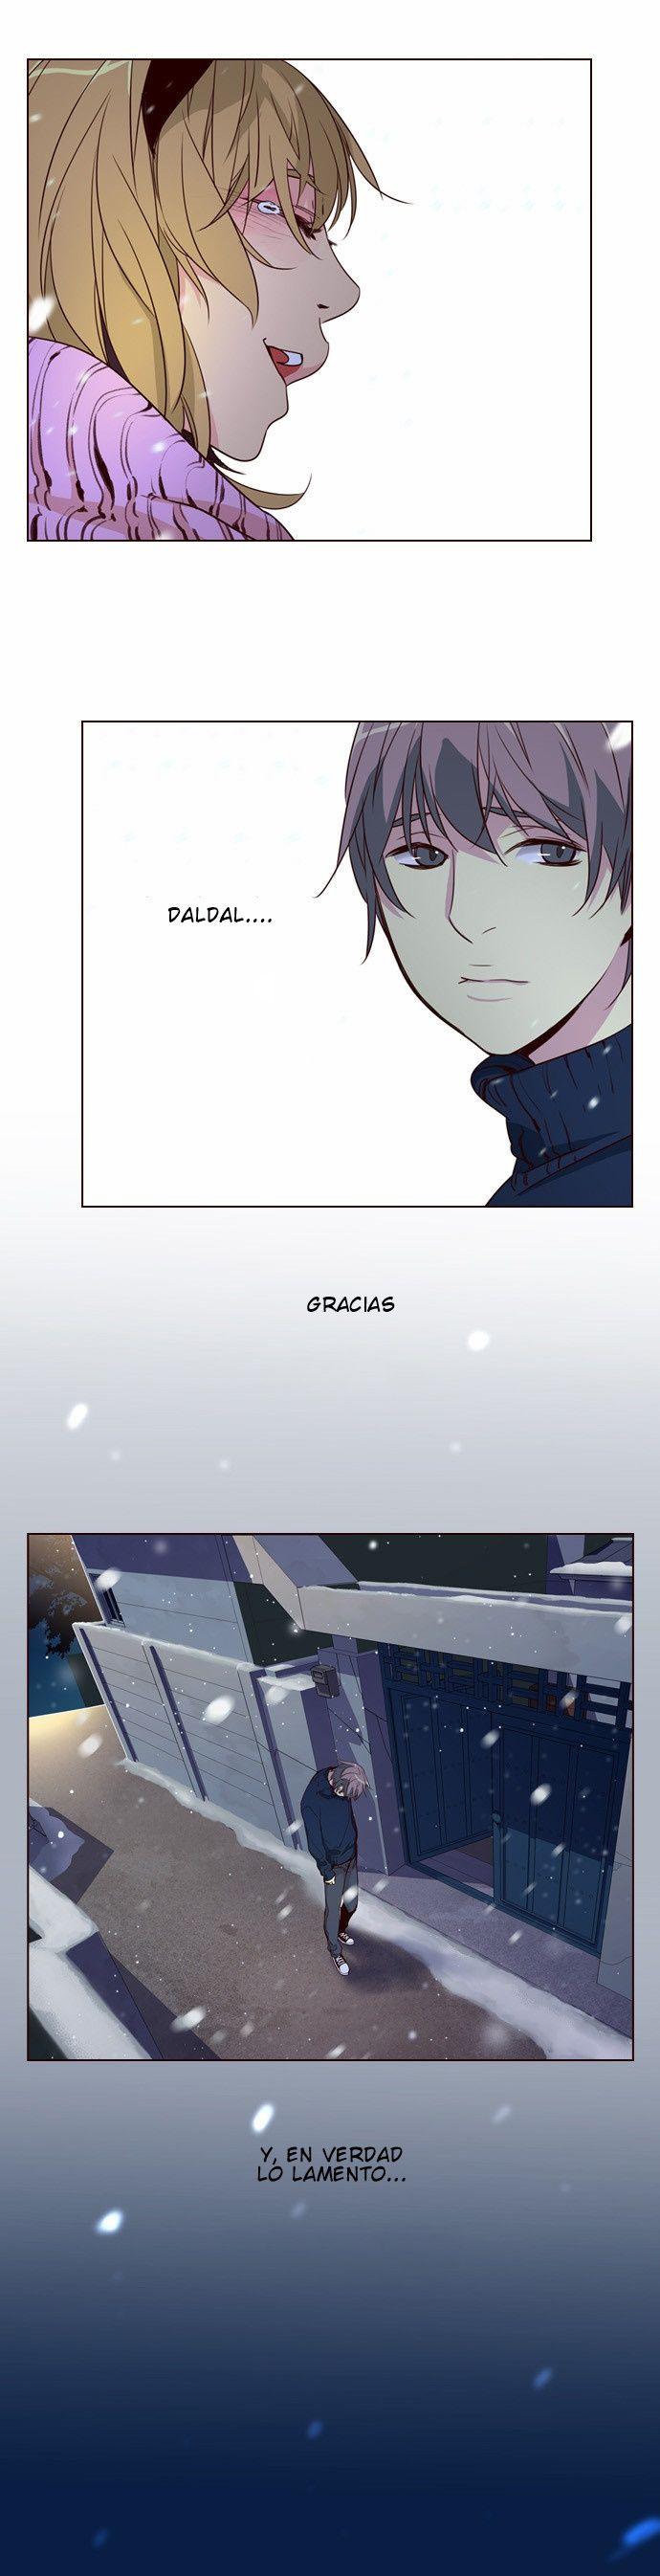 http://c5.ninemanga.com/es_manga/pic2/32/416/500274/507a08d46df3369ee992dae0ad39b856.jpg Page 7